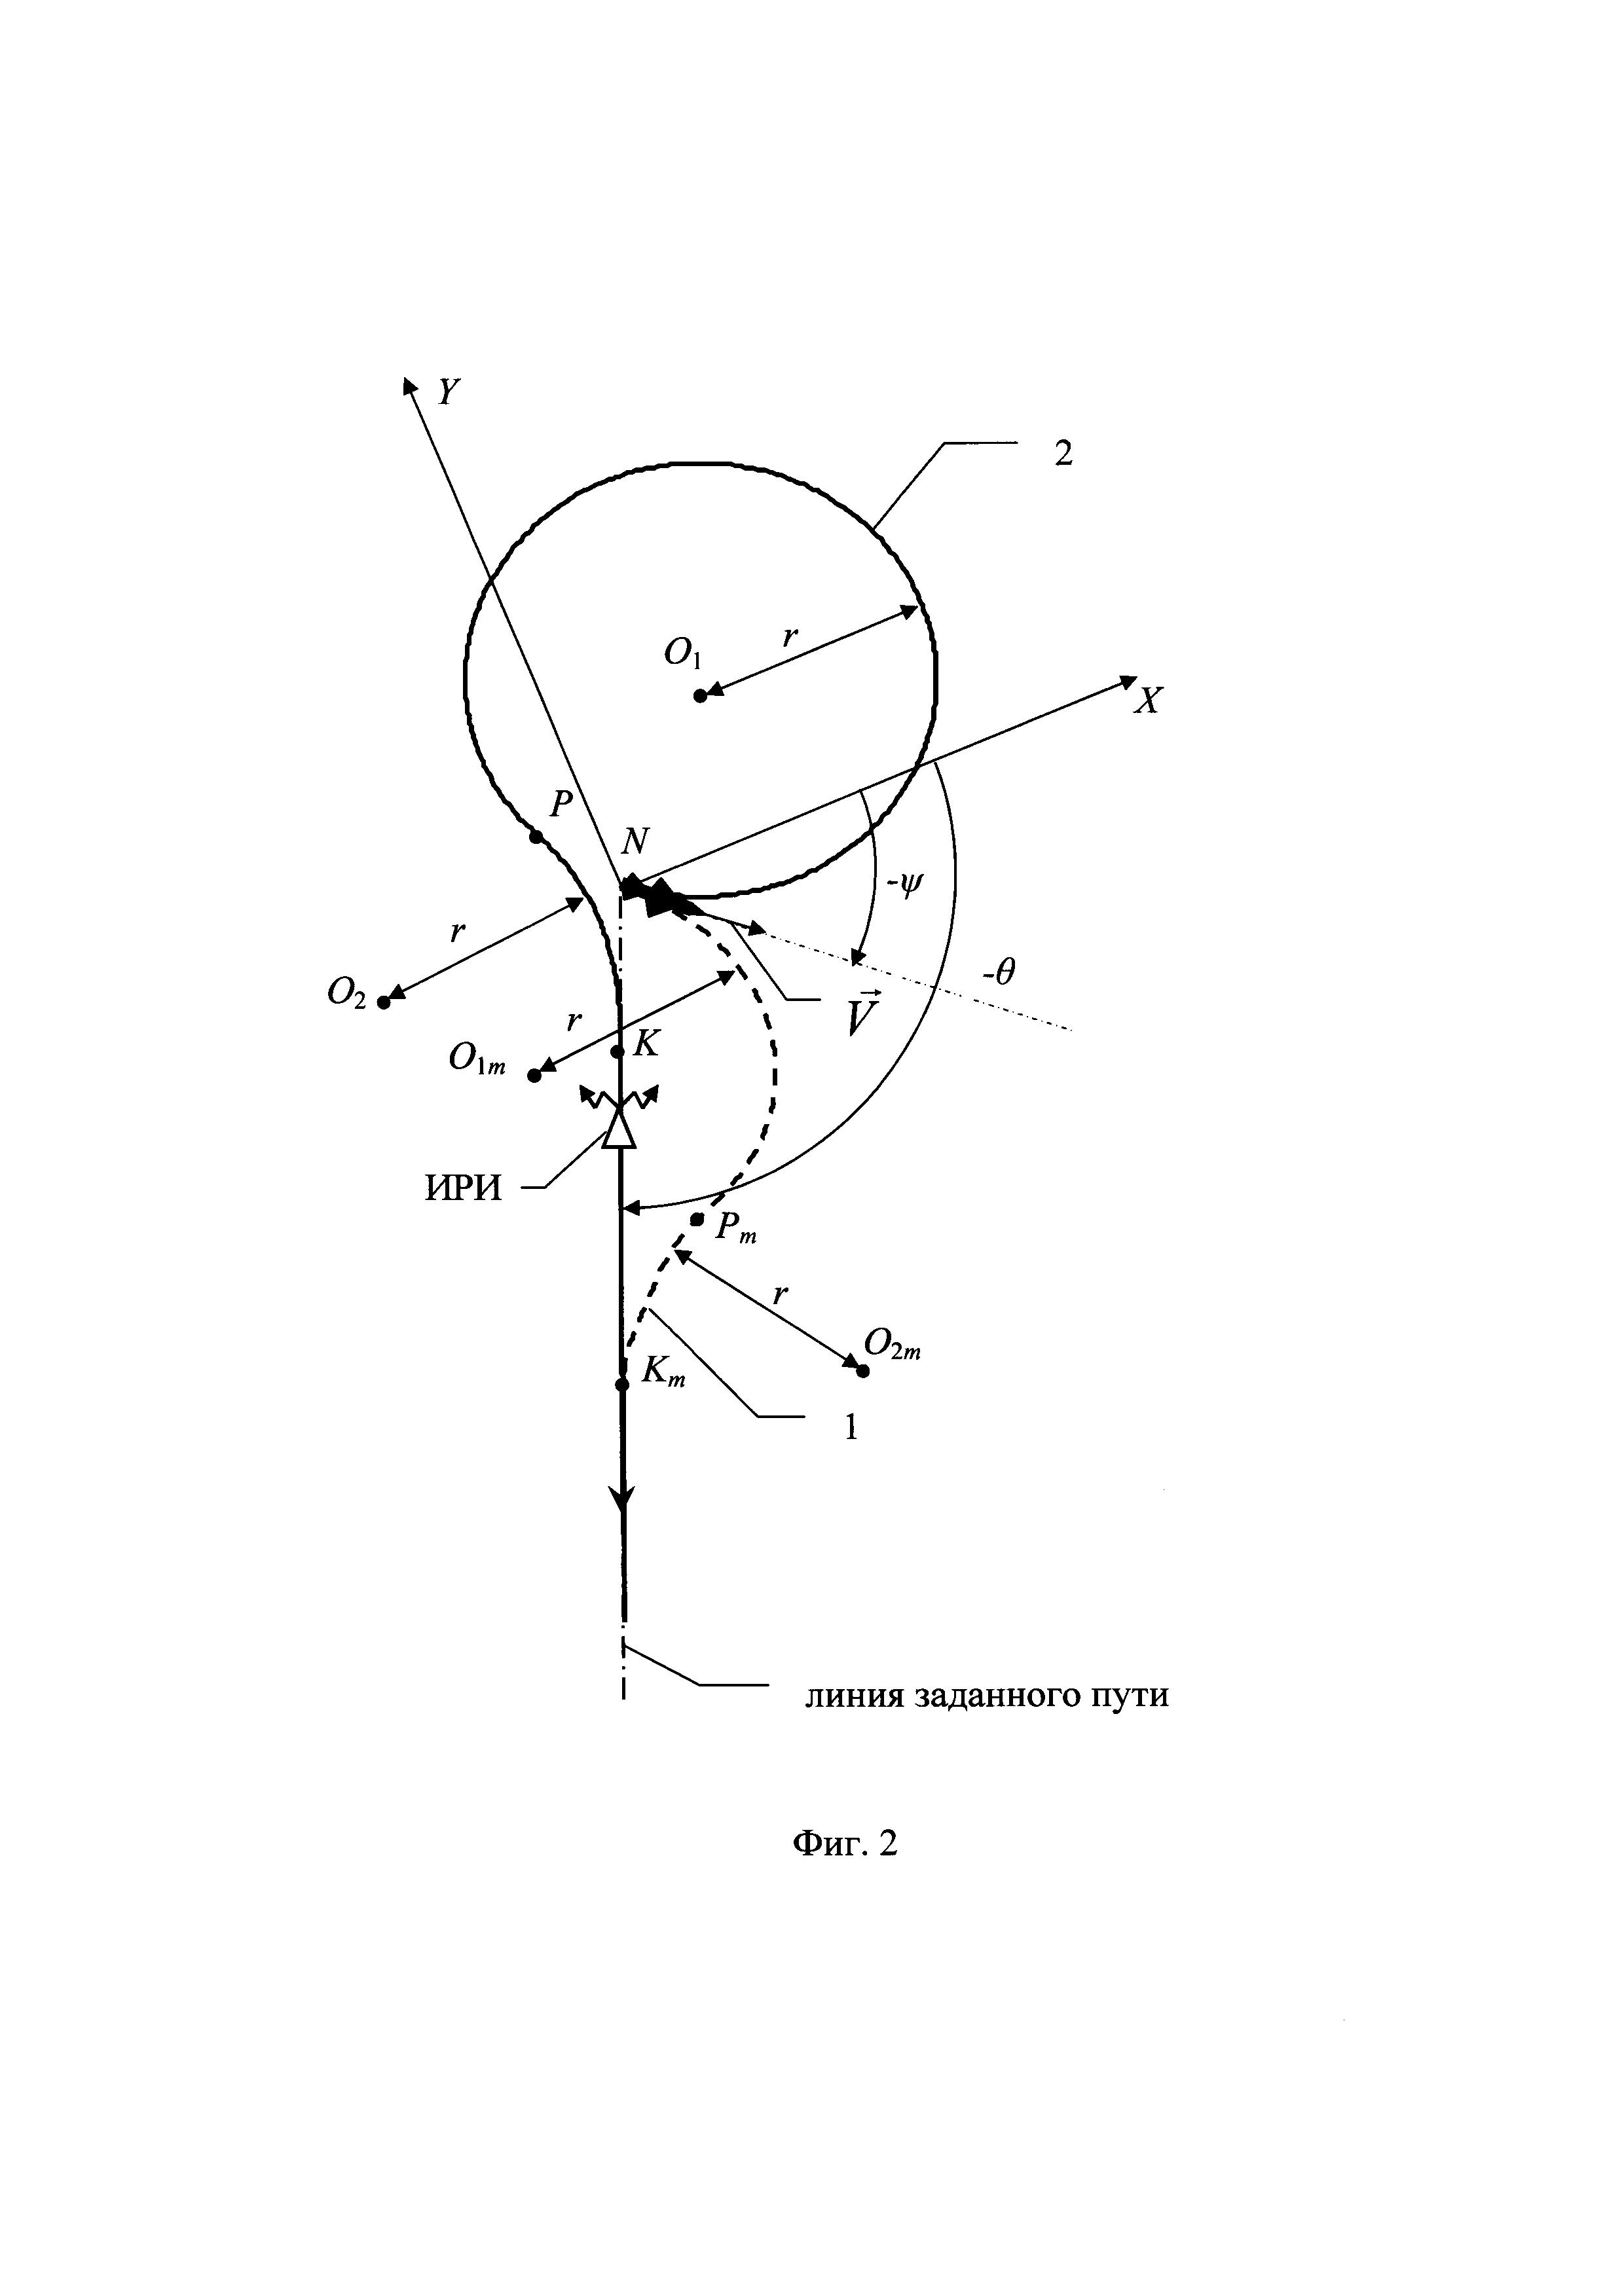 Способ наведения летательного аппарата на источник разового излучения